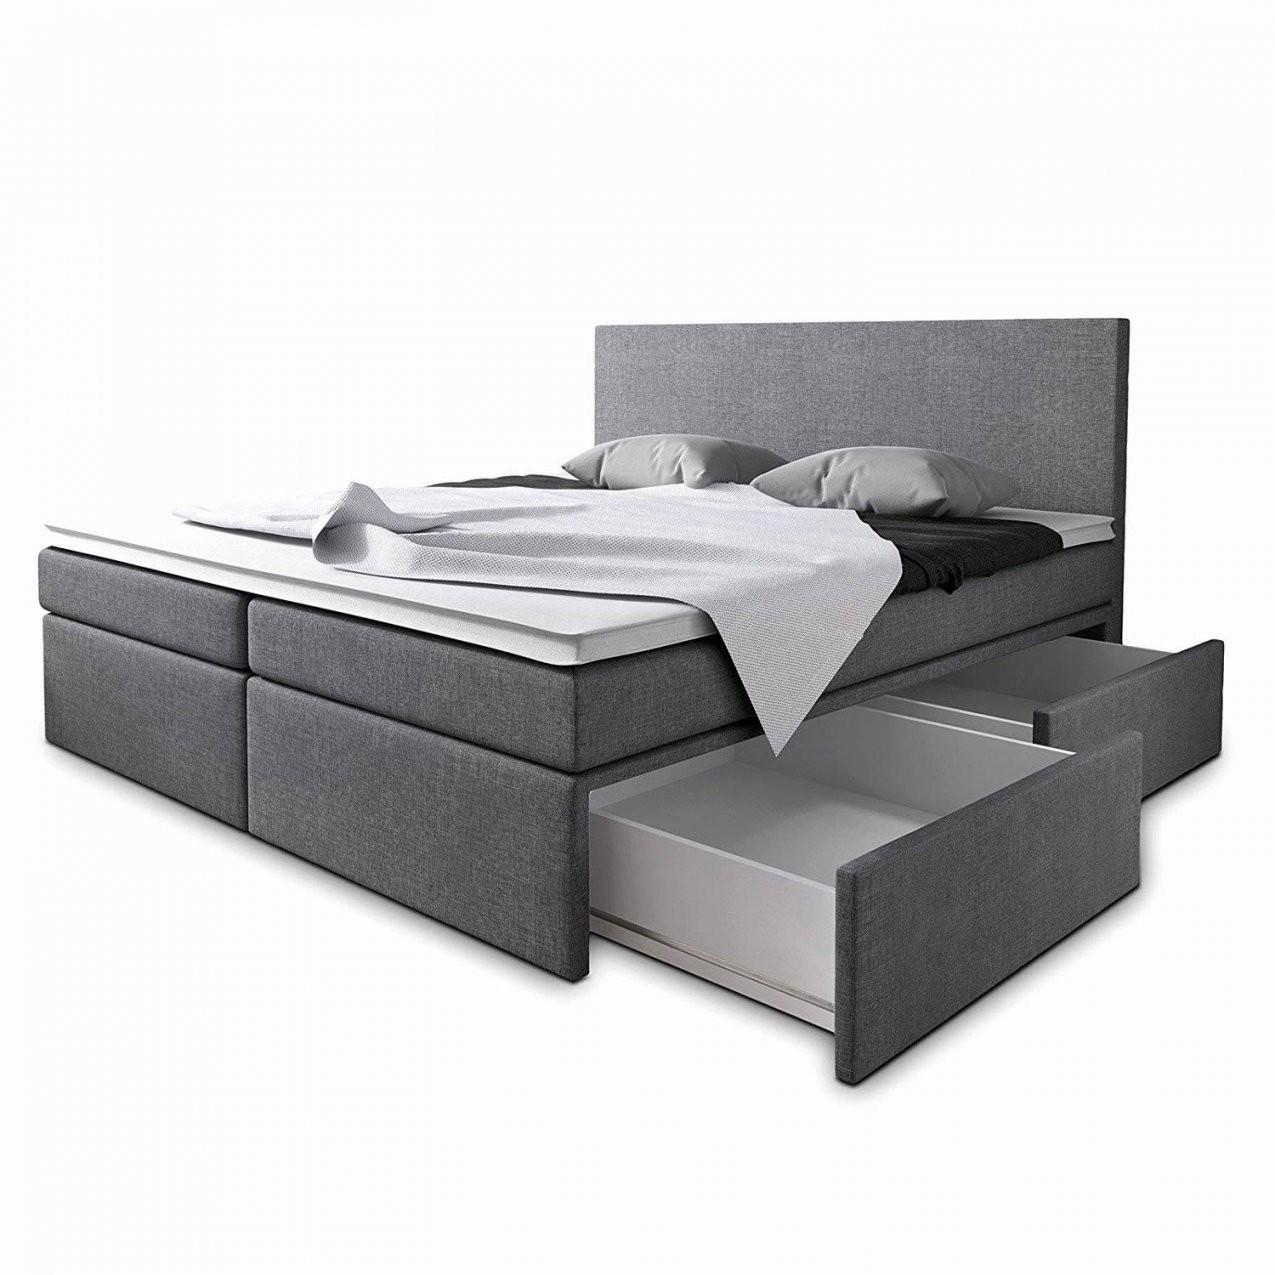 Bett 140×200 Bettkasten Neu Boxspringbetten Günstig Bis Zu Reduziert von Bett 140X200 Mit Bettkasten Günstig Bild